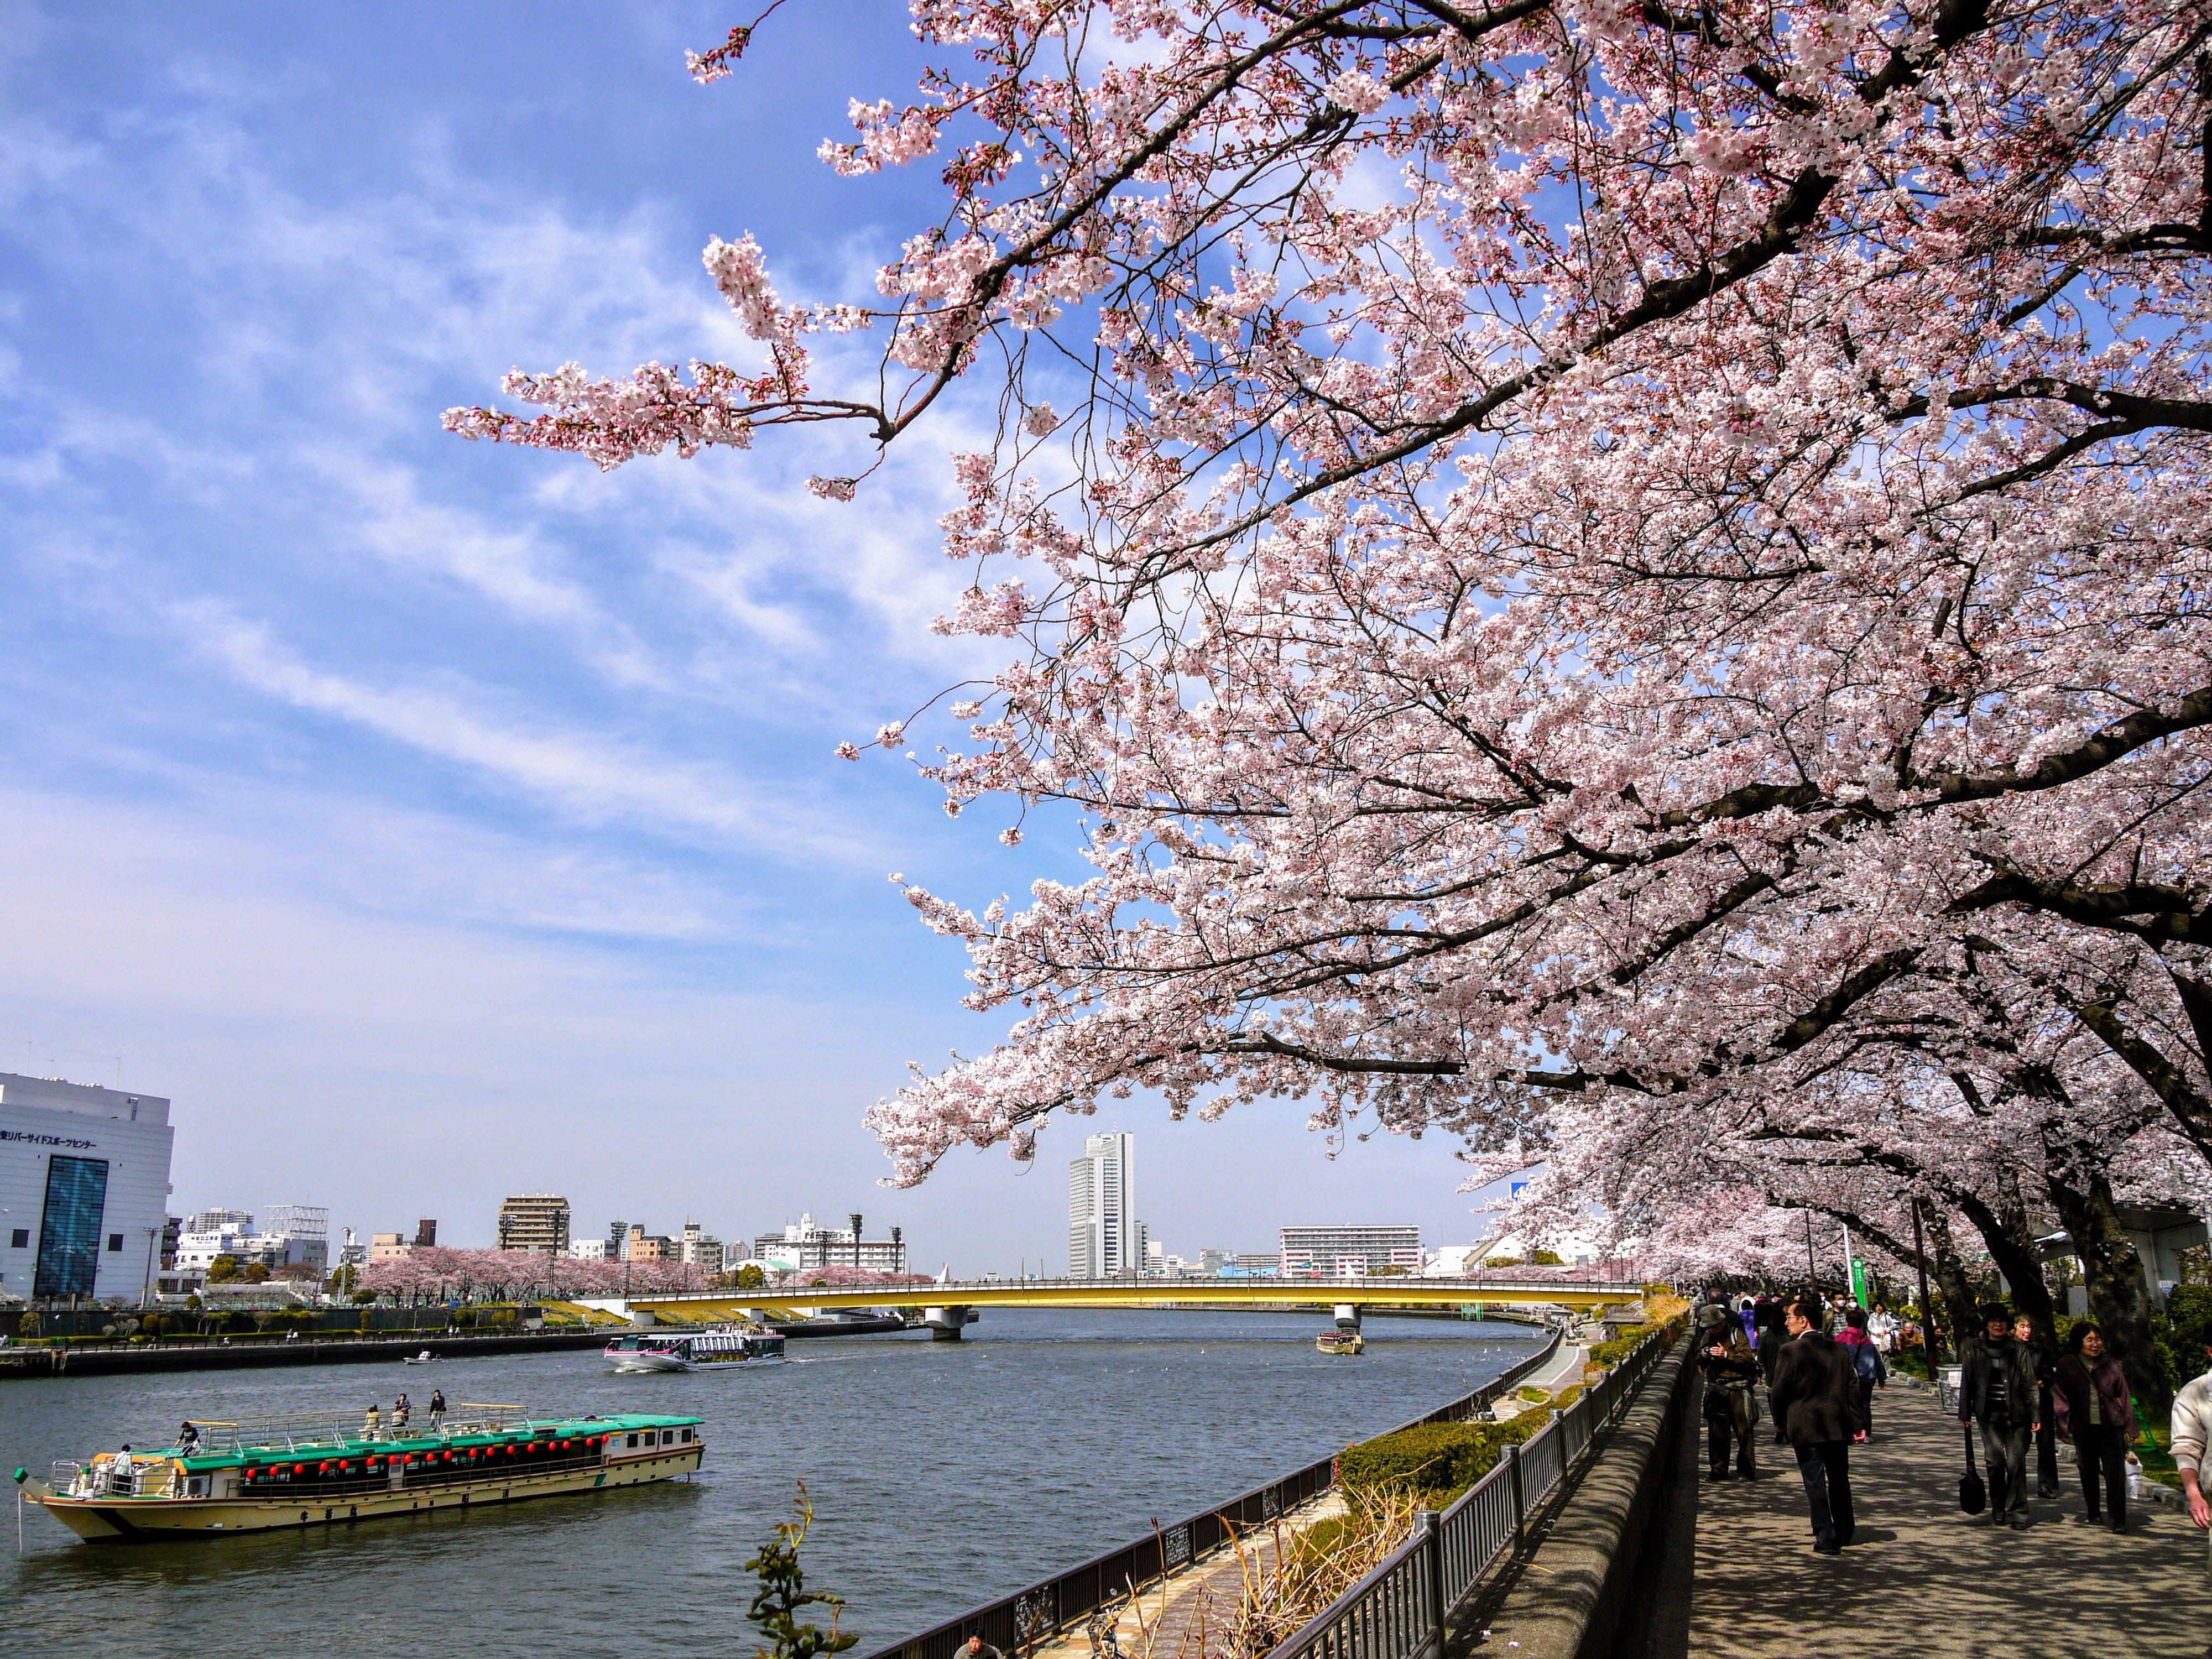 nhung dia diem ngam hoa anh dao dep nhat tai Tokyo